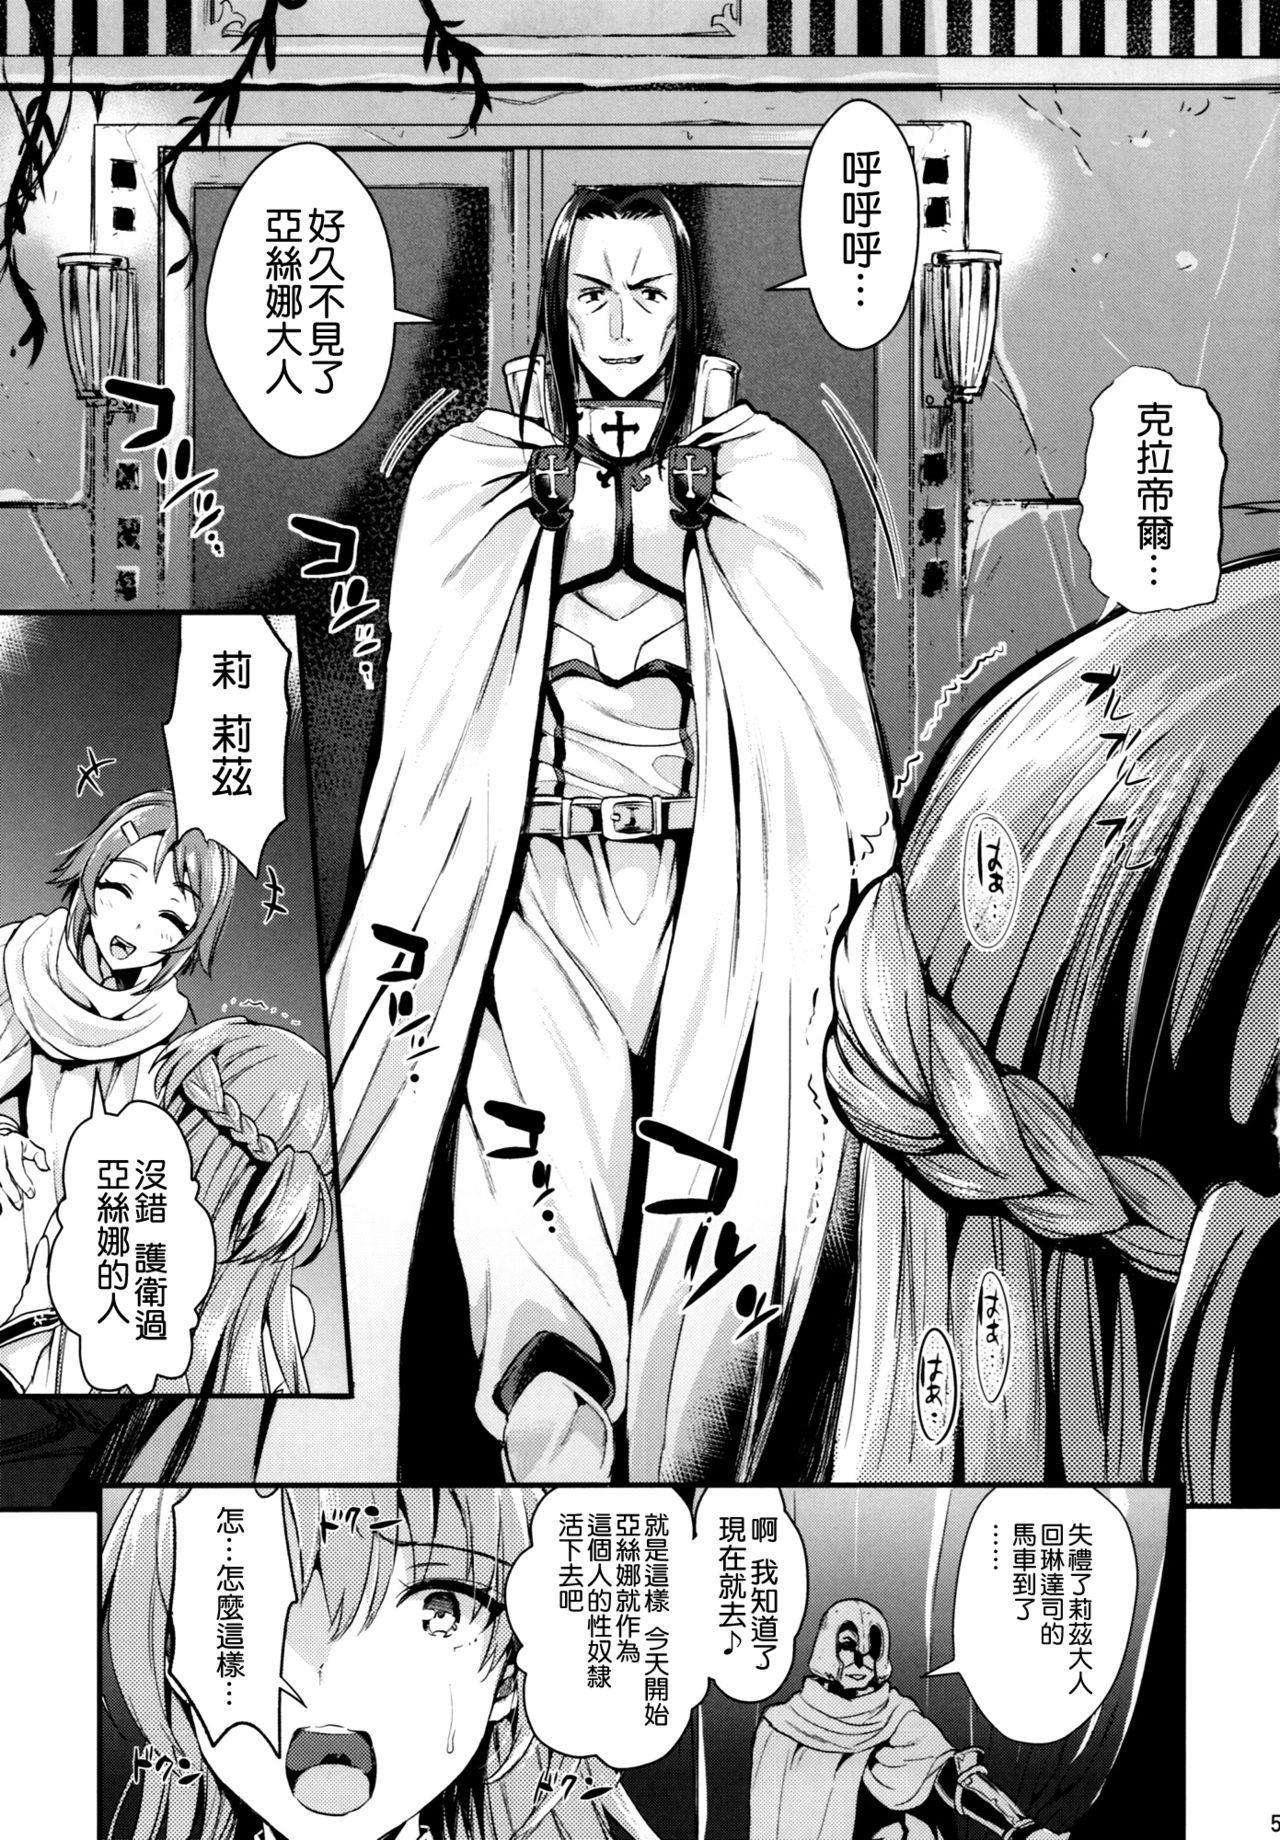 Shujou Seikou 2 NTR Hen 4